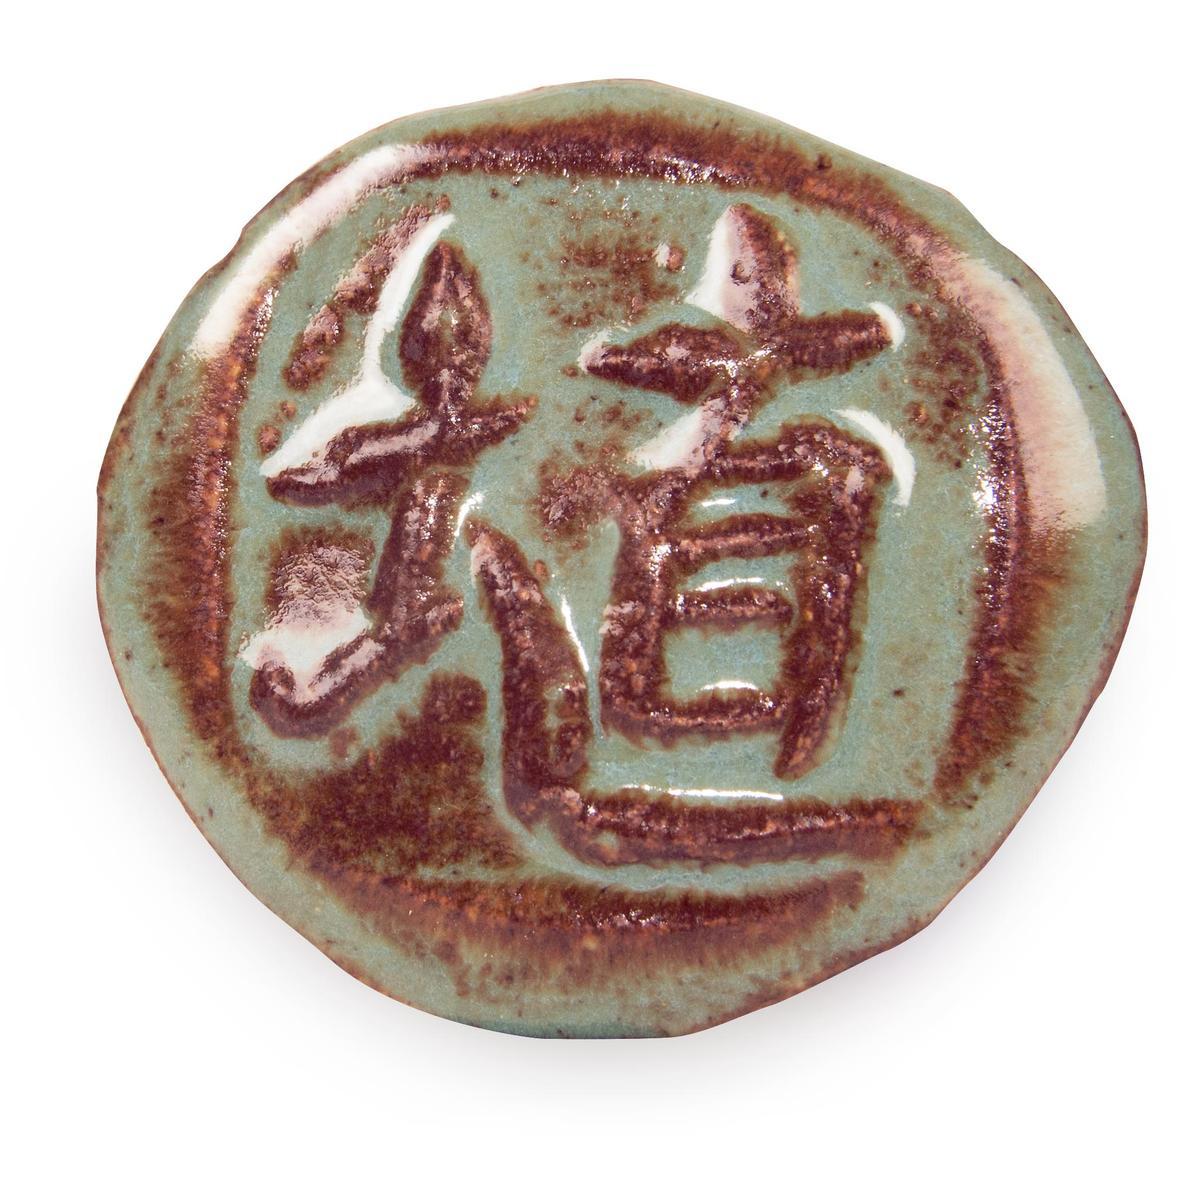 venta de esmalte para cerámica amaco shino Sh-41 oolong gloss alta temperatura